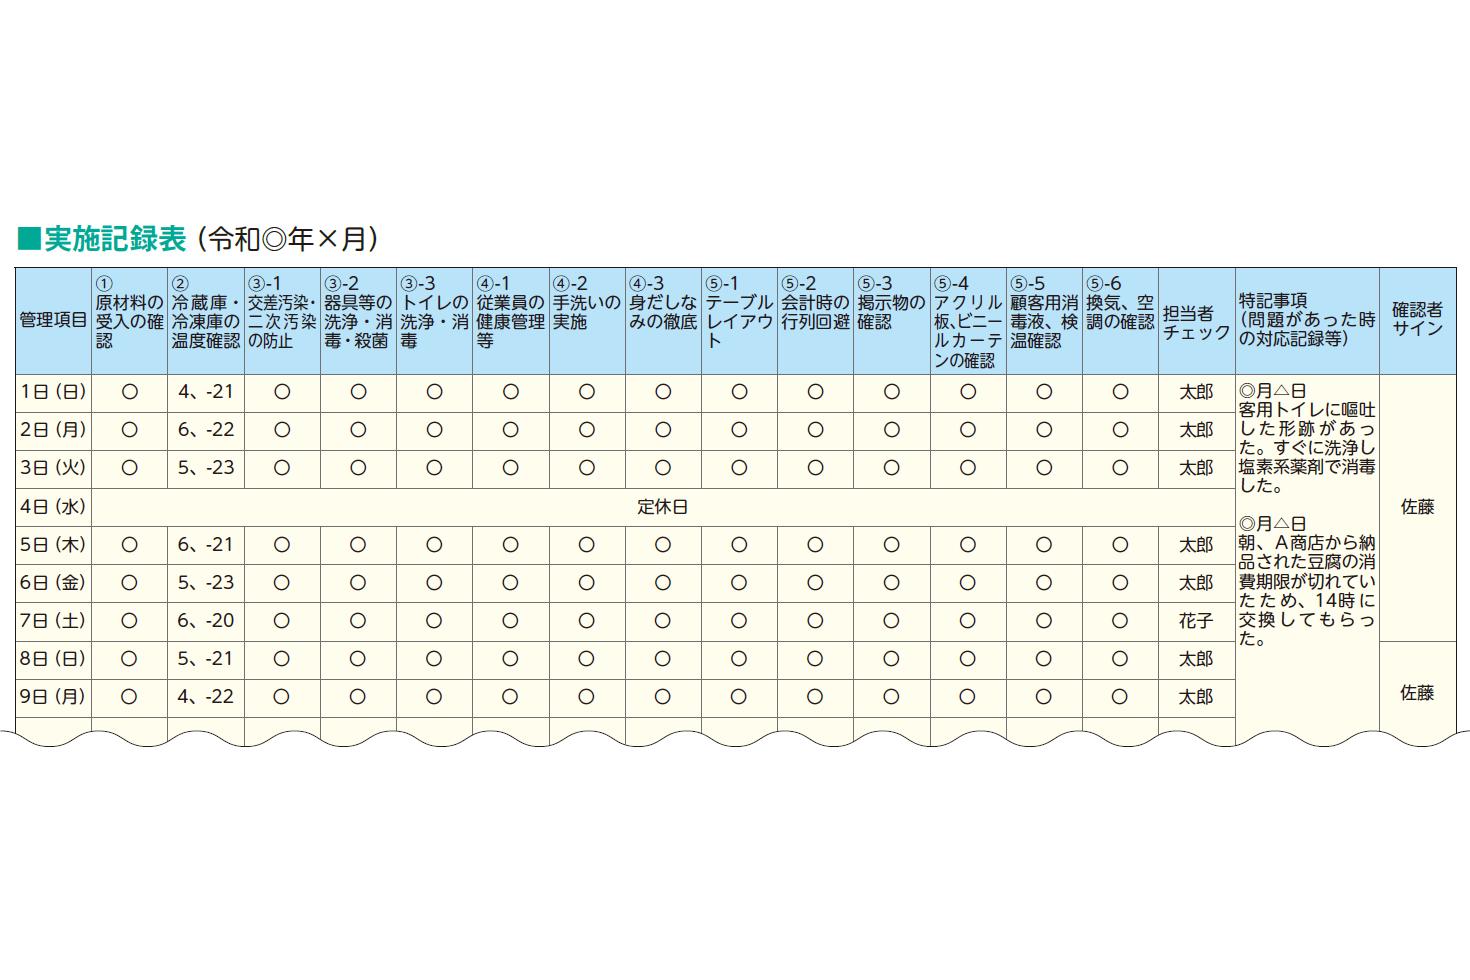 ■実施記録表(令和◎年×月)